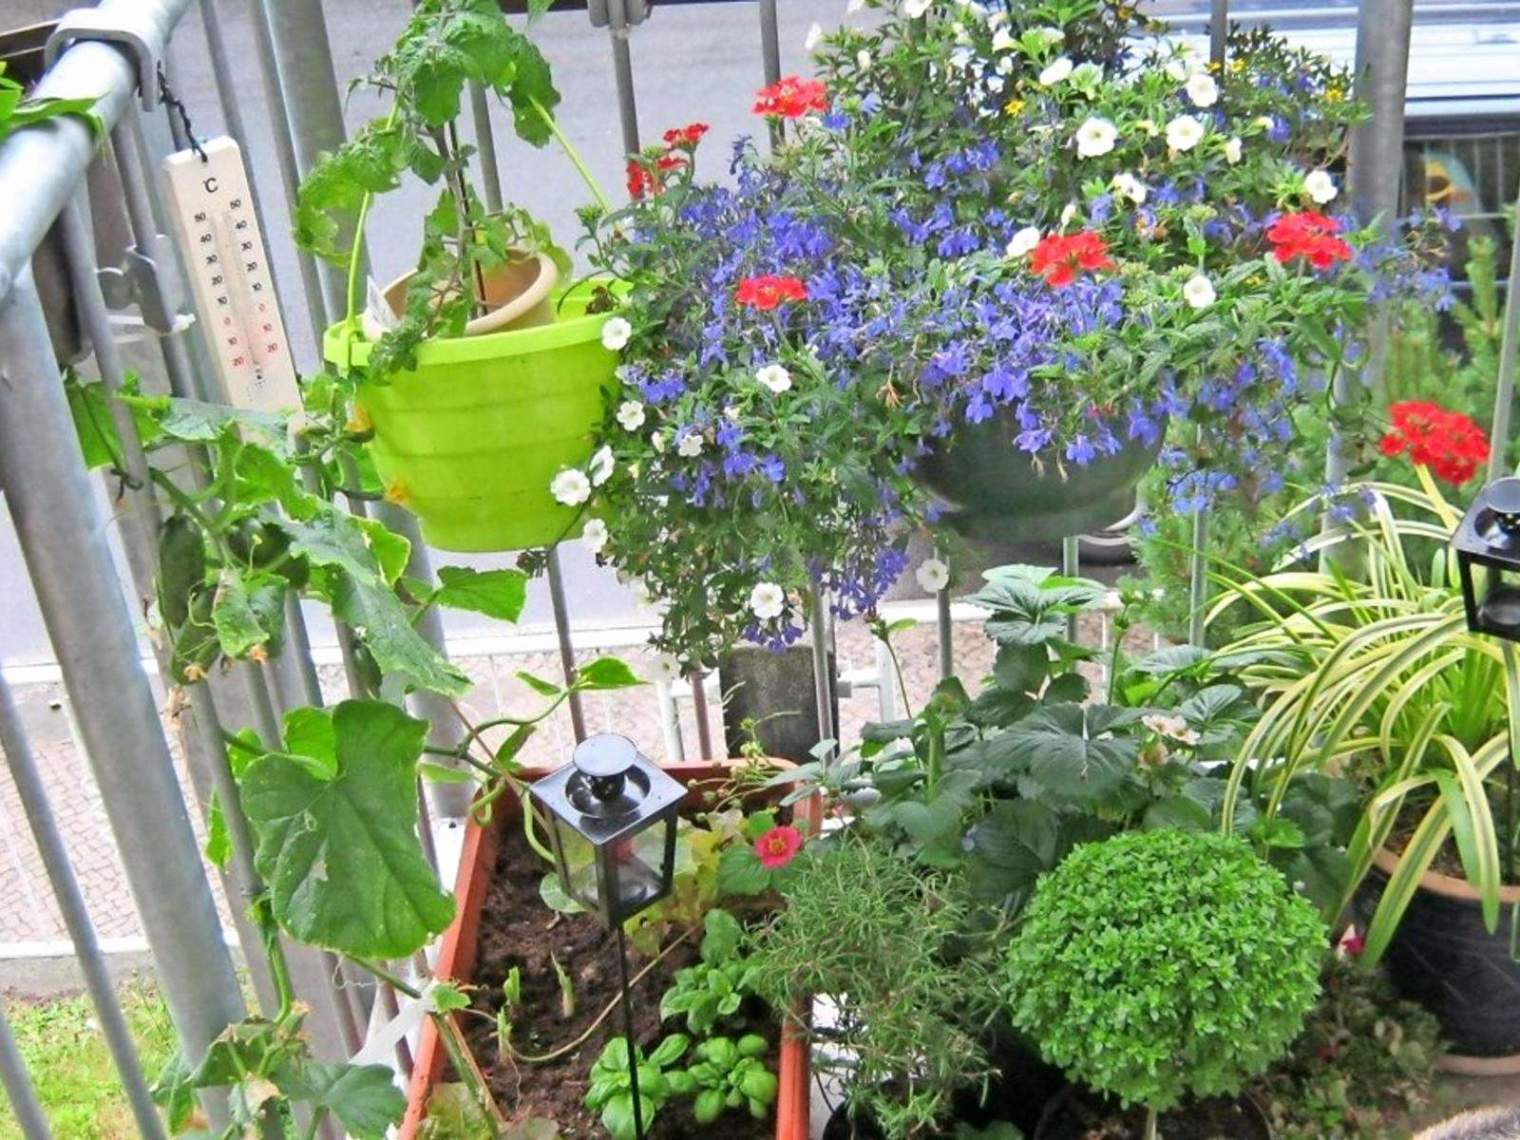 42 luxus hohe pflanzen als sichtschutz grafik hohe pflanzen als sichtschutz hohe pflanzen als sichtschutz 3